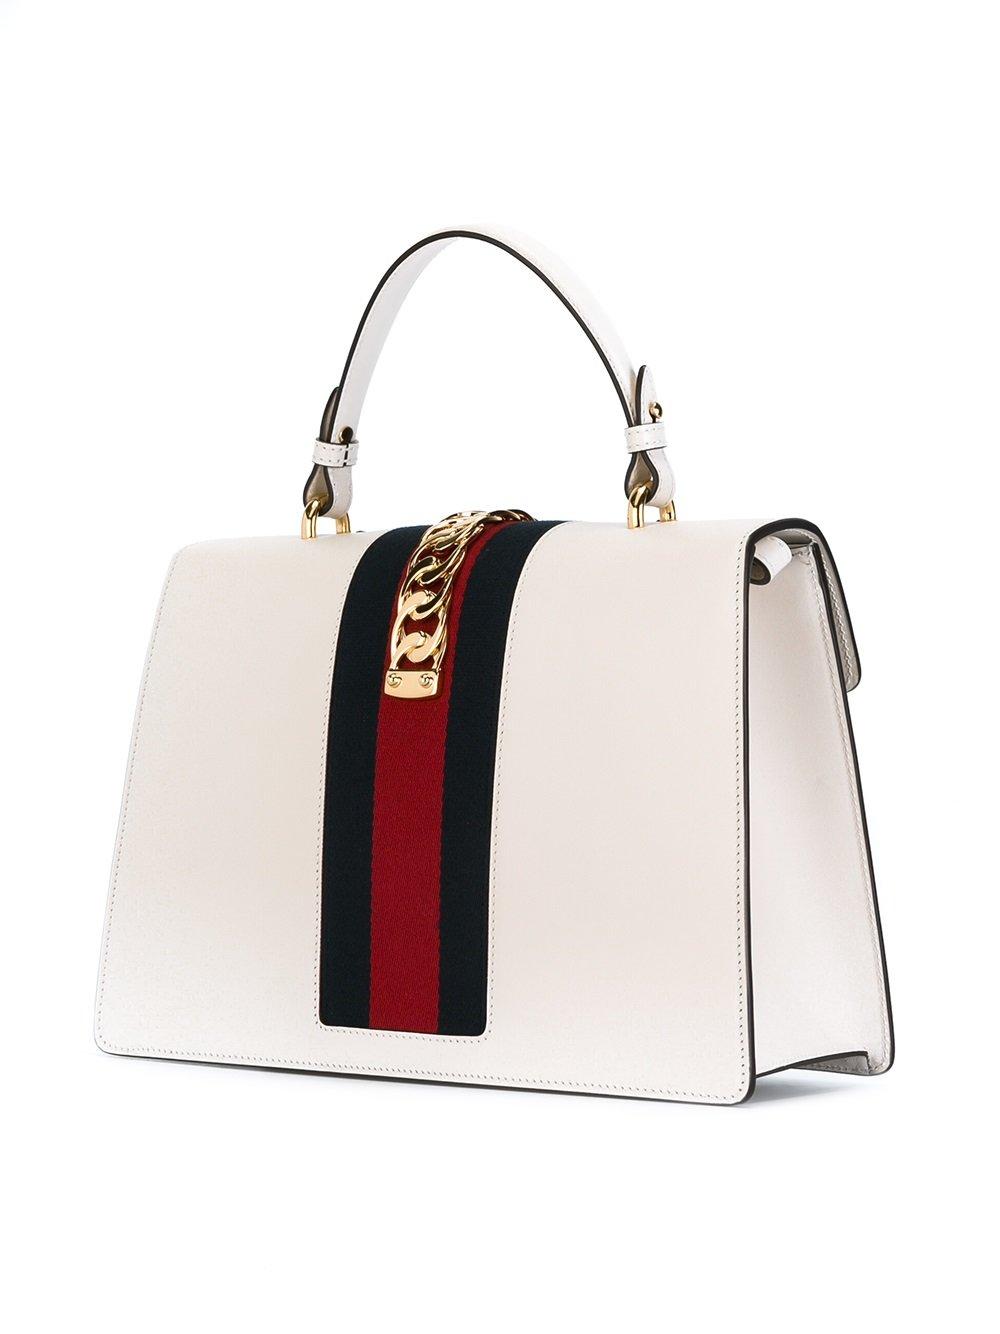 6c31bf14e41f Découvrez tous les styles de sac a main gucci pas cher pour hommes, femmes  et enfants dans une gamme de tailles et de styles.